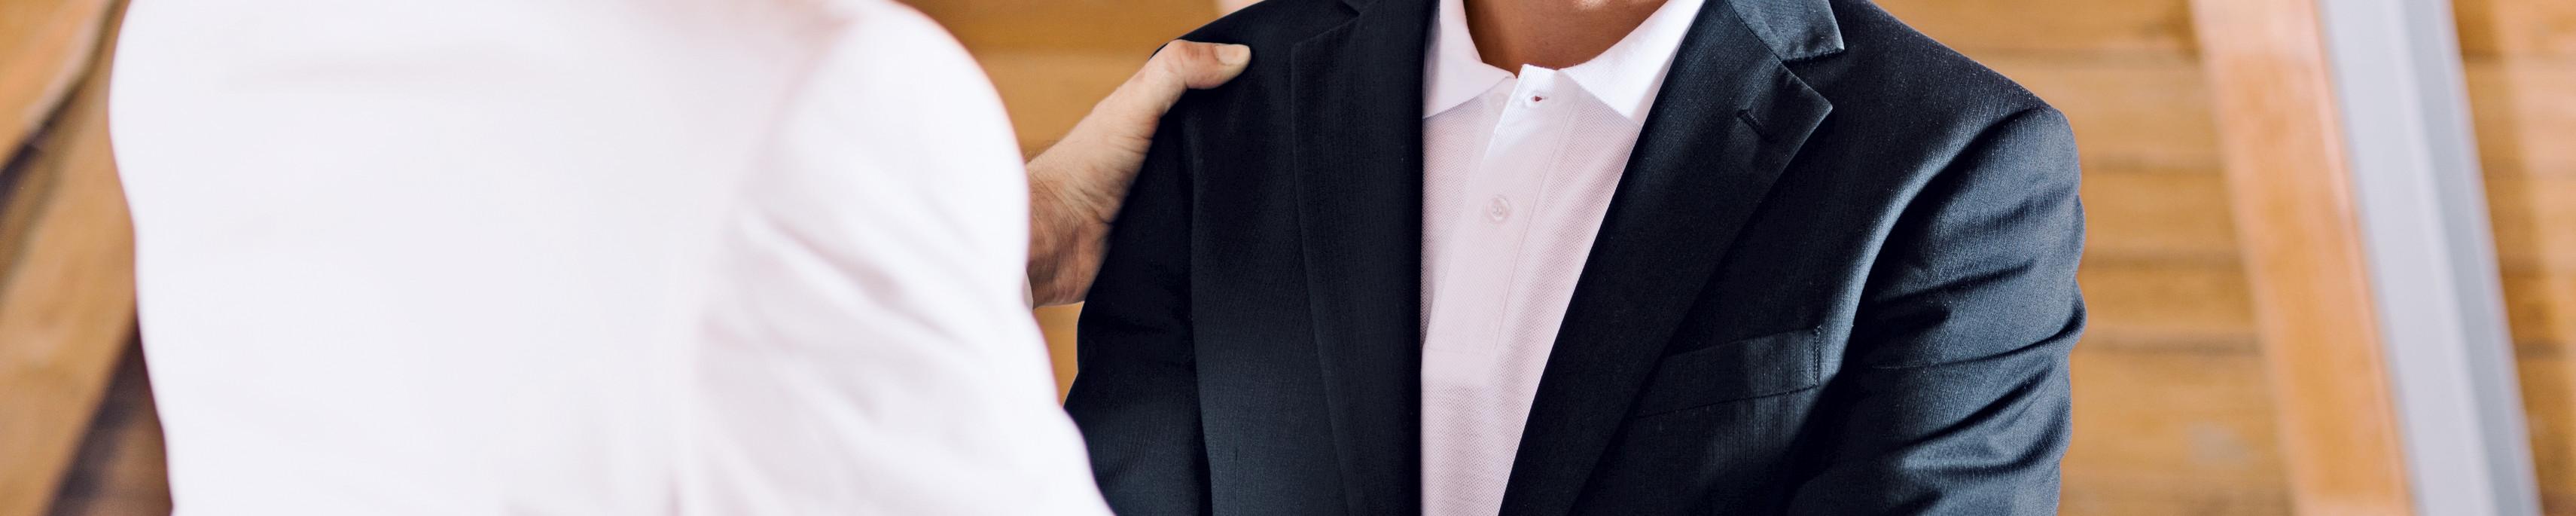 Geschäftspartner mit Handschlag